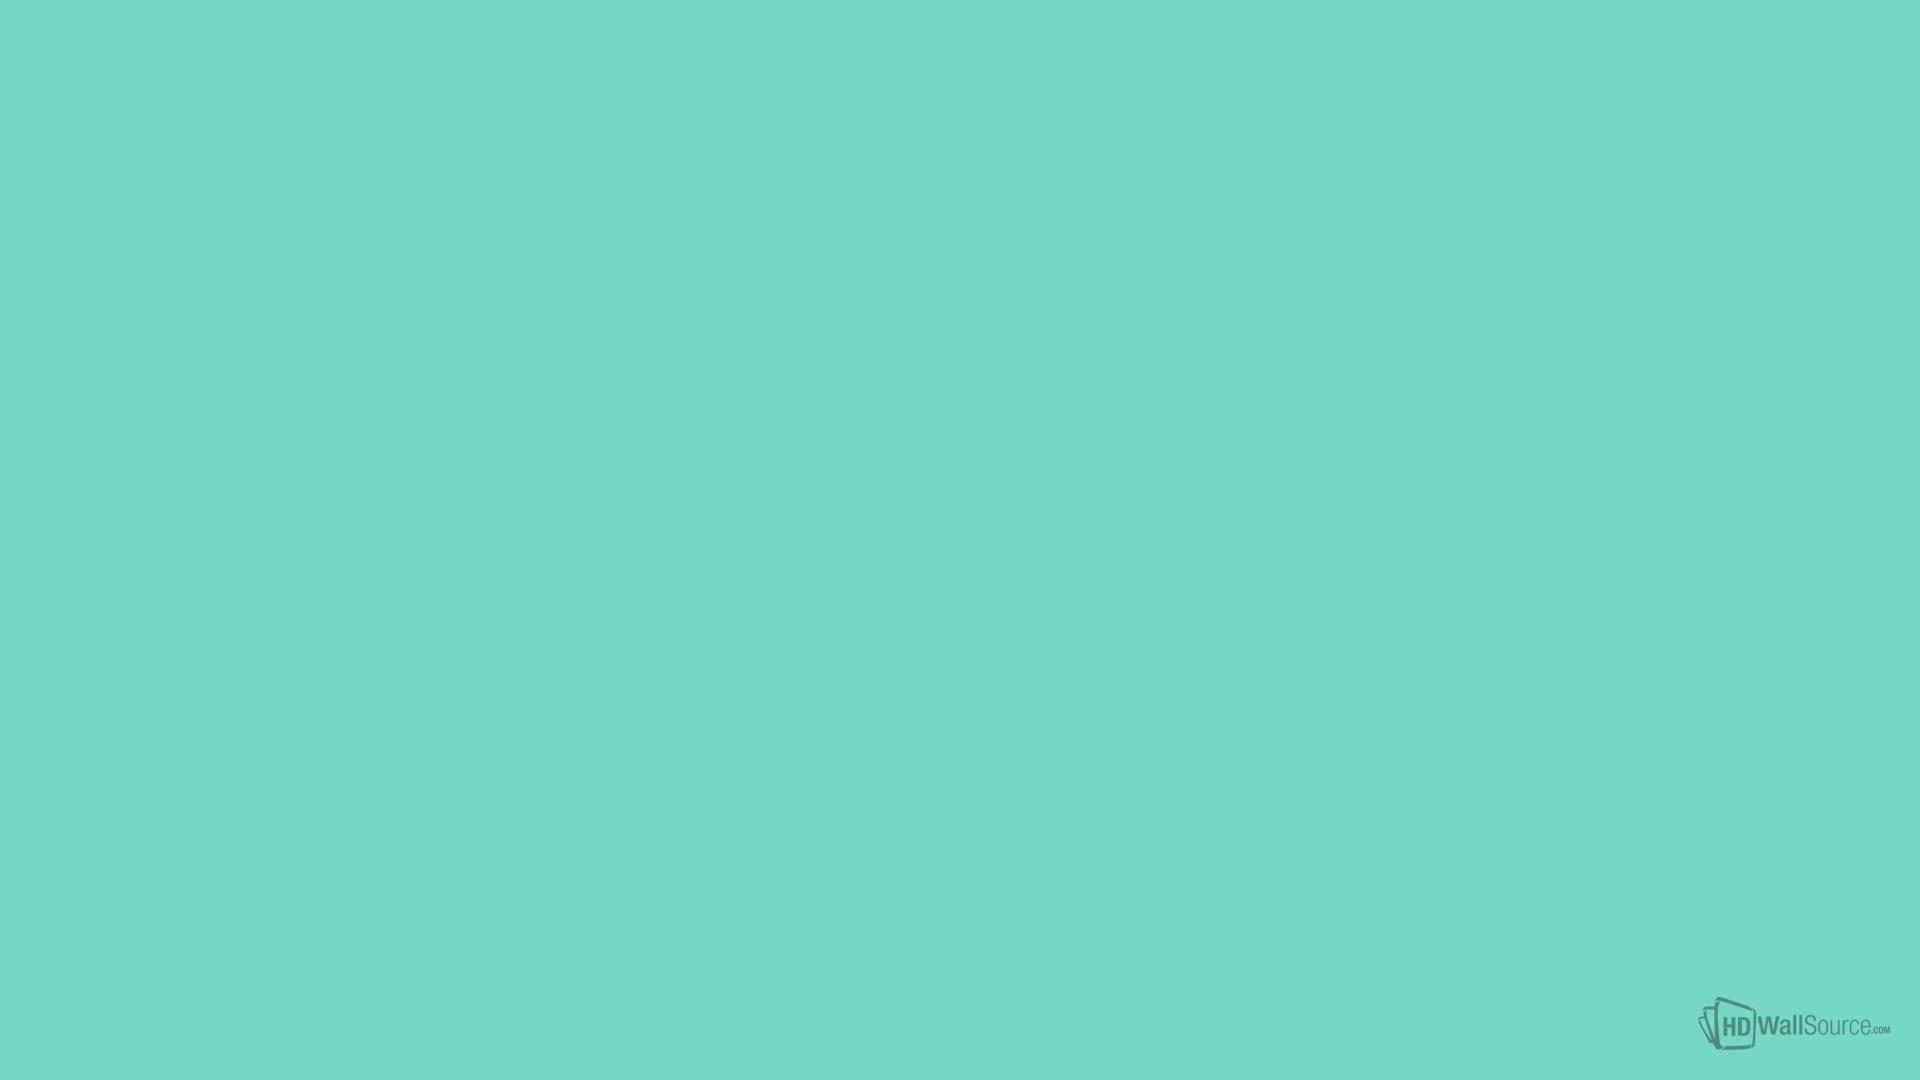 76d7c4 wallpaper 70794